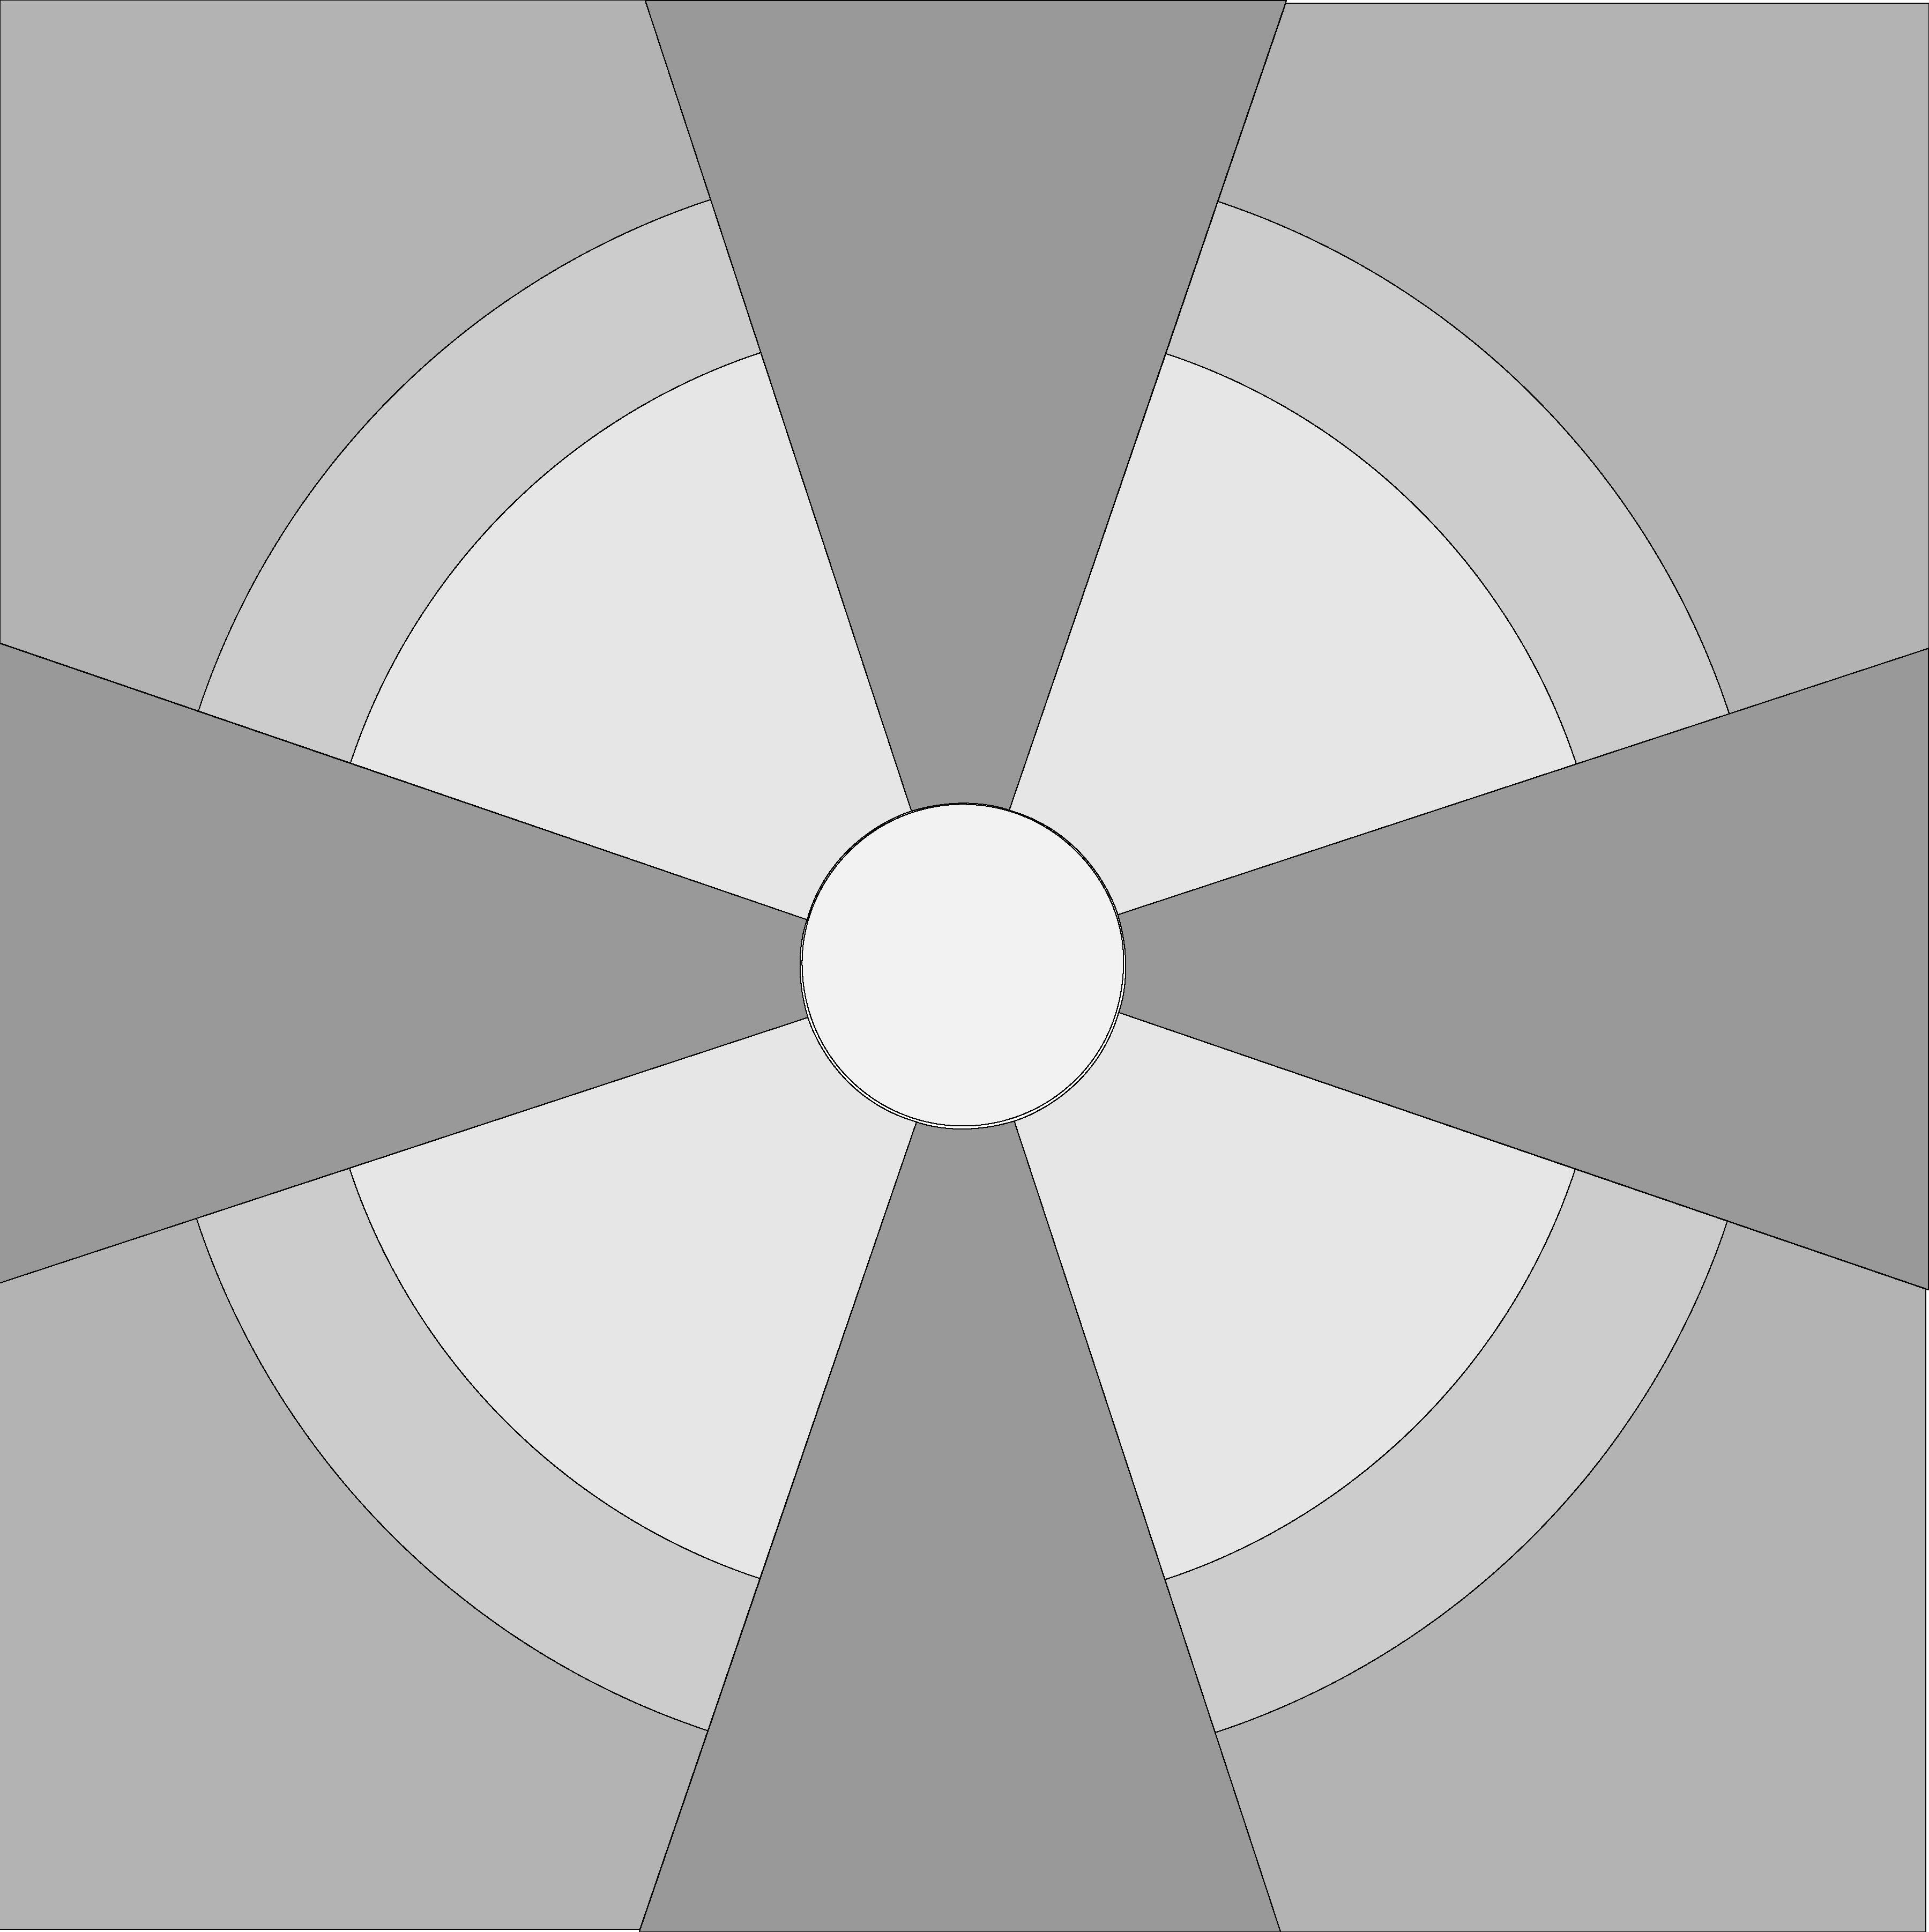 Diagrams2-06